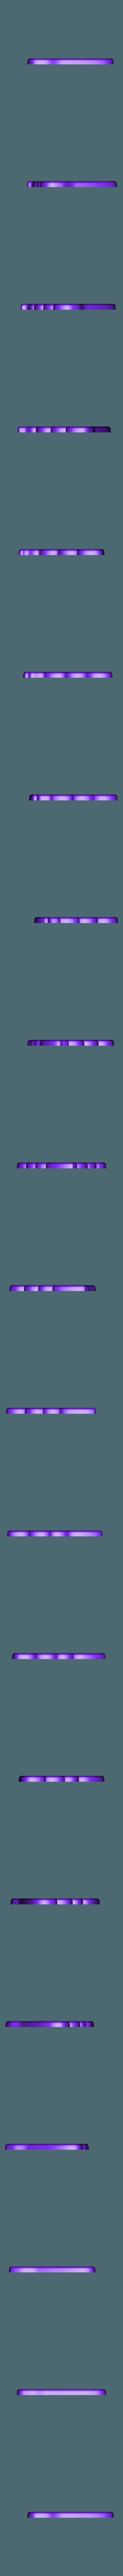 bag_holder_poop_emoji_poop.STL Download free STL file Multi-Color Dog Poop Bag Dispenser • 3D print template, MosaicManufacturing